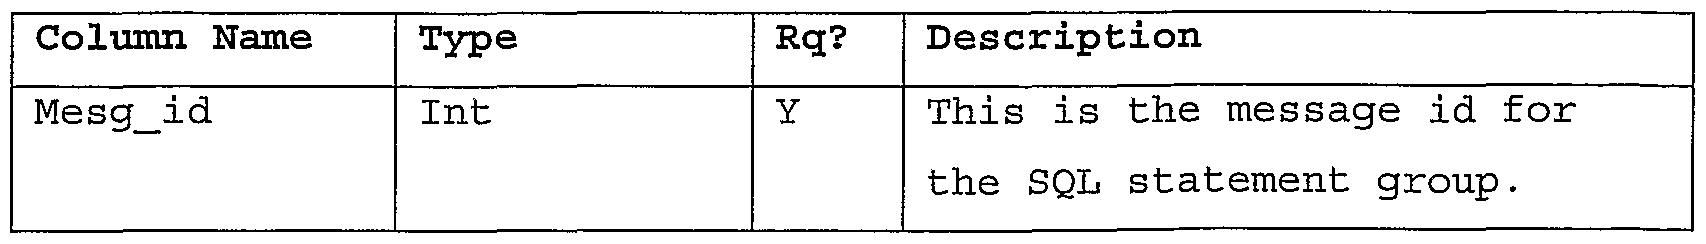 Figure imgf000035_0002